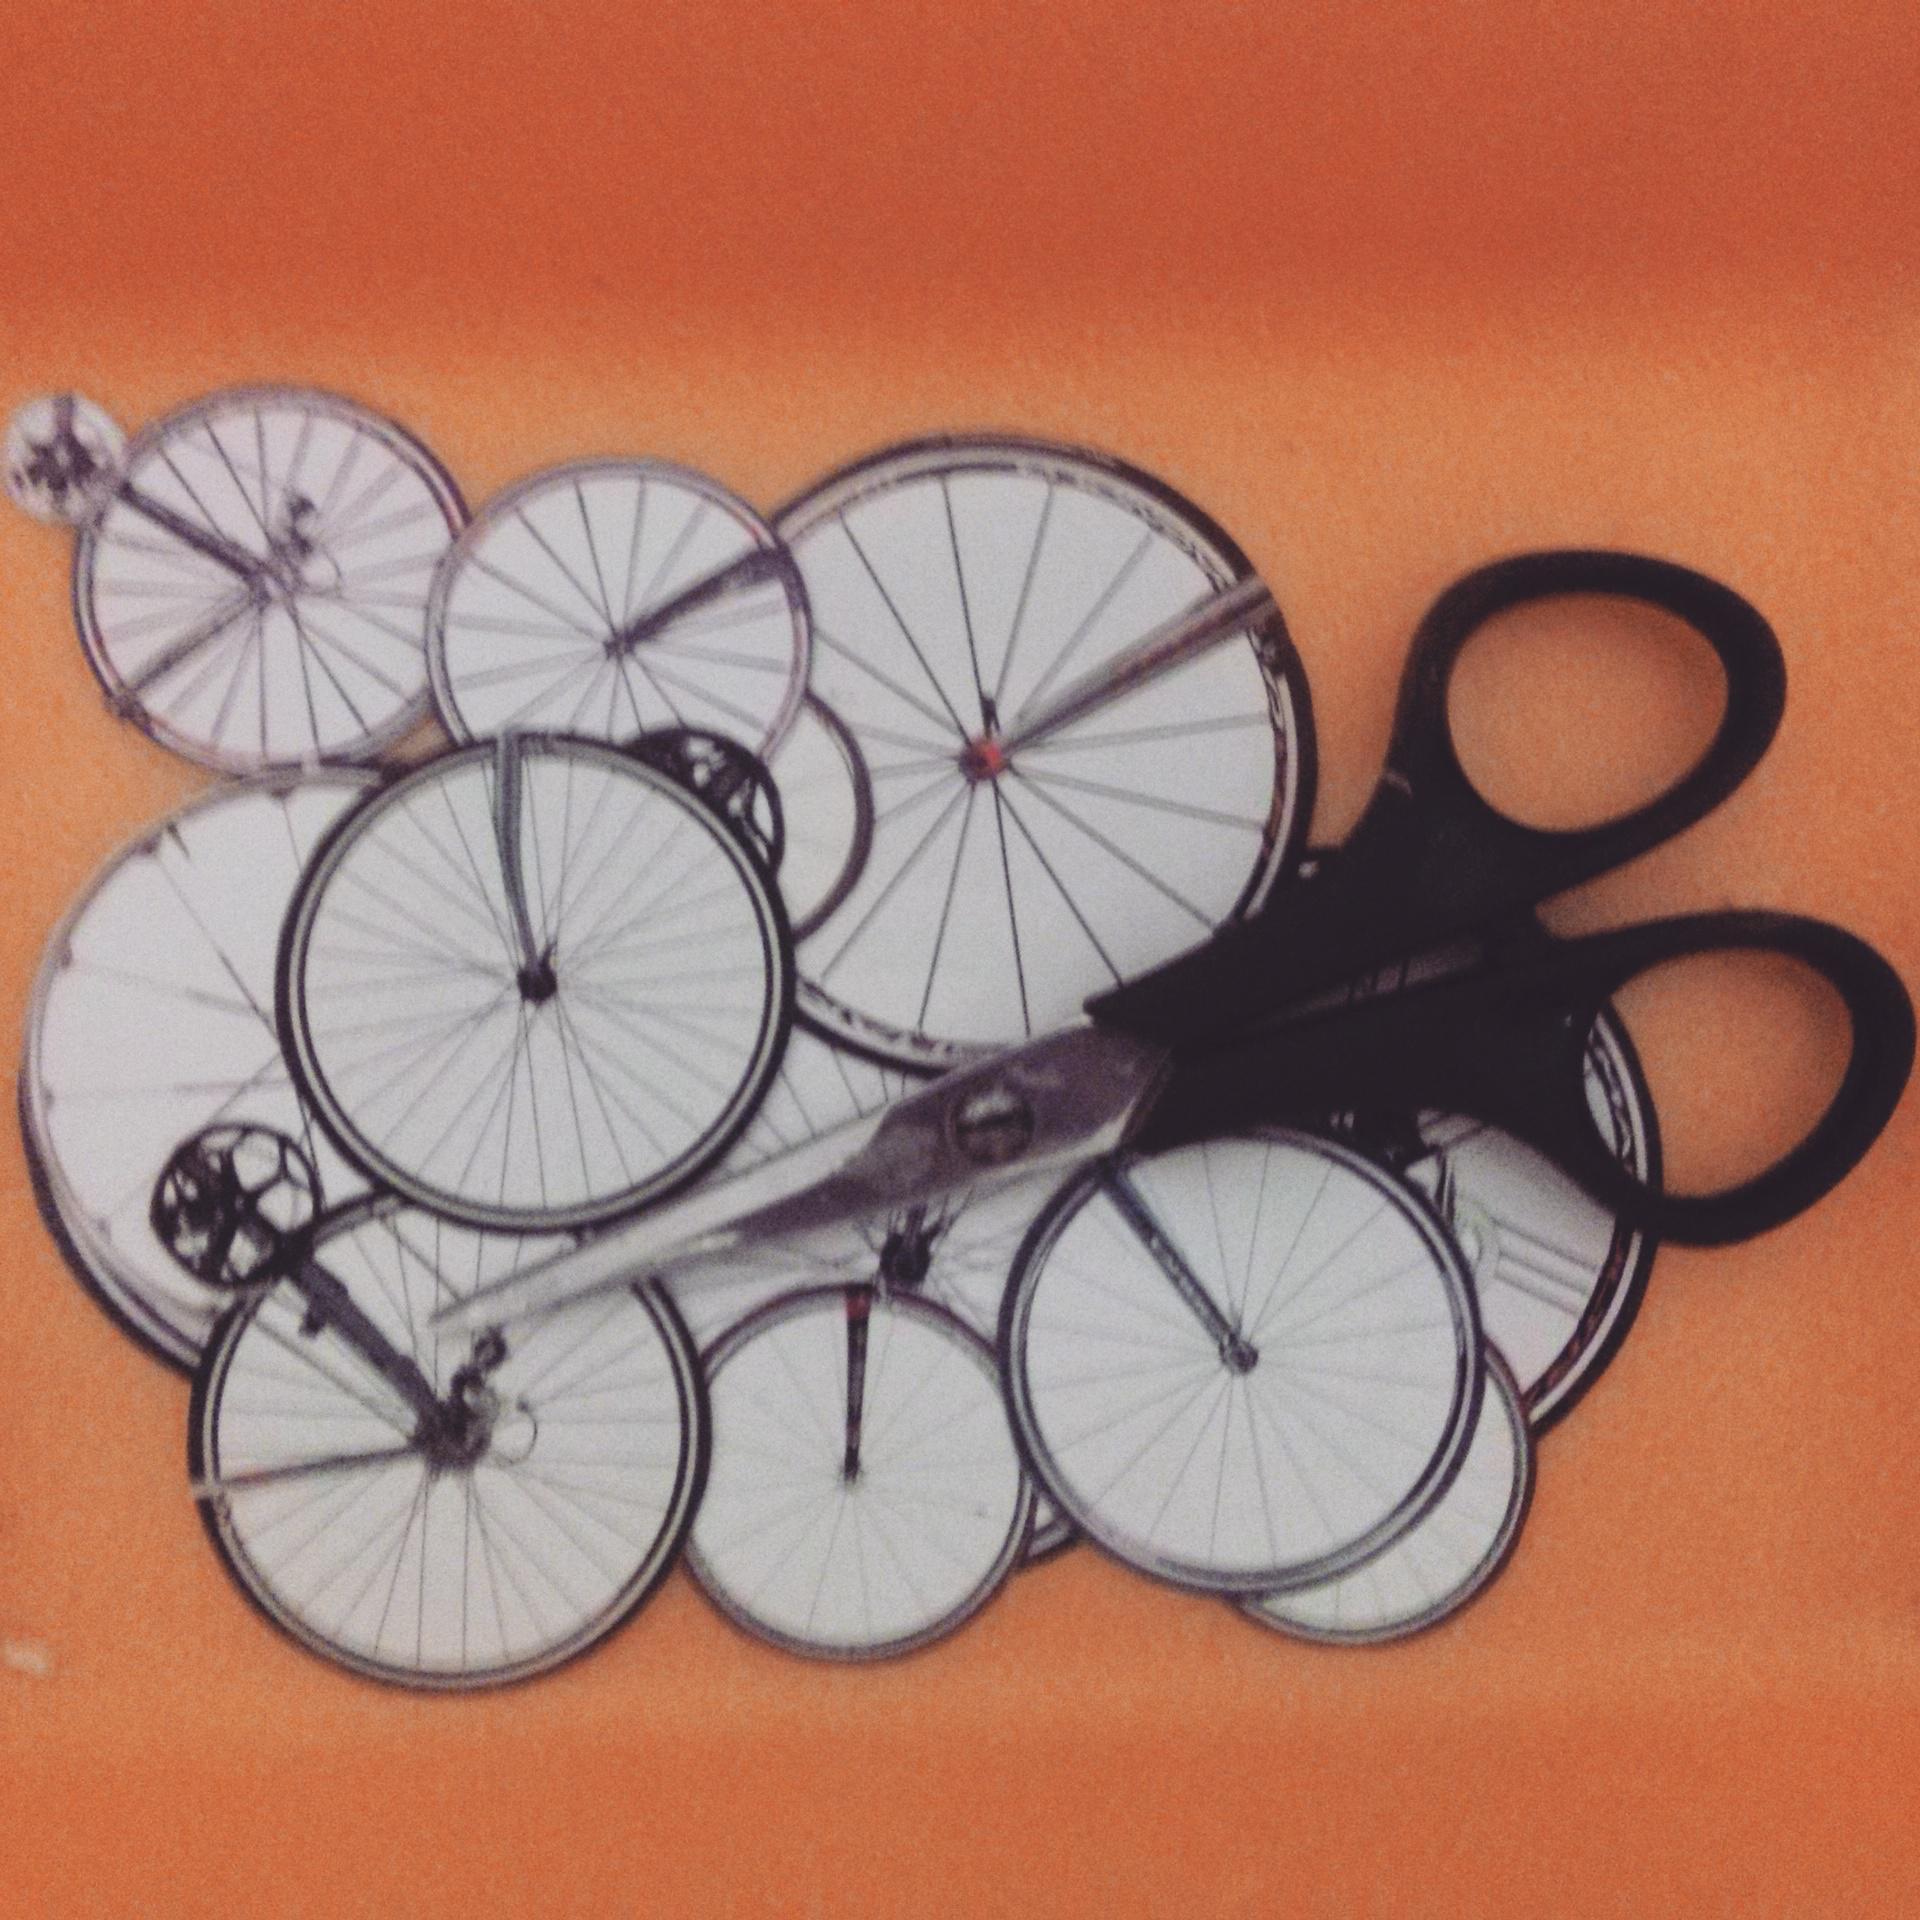 Nova série em produção: Bike - quatro quadros de 30 x 30 cm #collage #colagem #bike #silvioalvarez #art #bicicleta http://t.co/e9IBkkJbcd